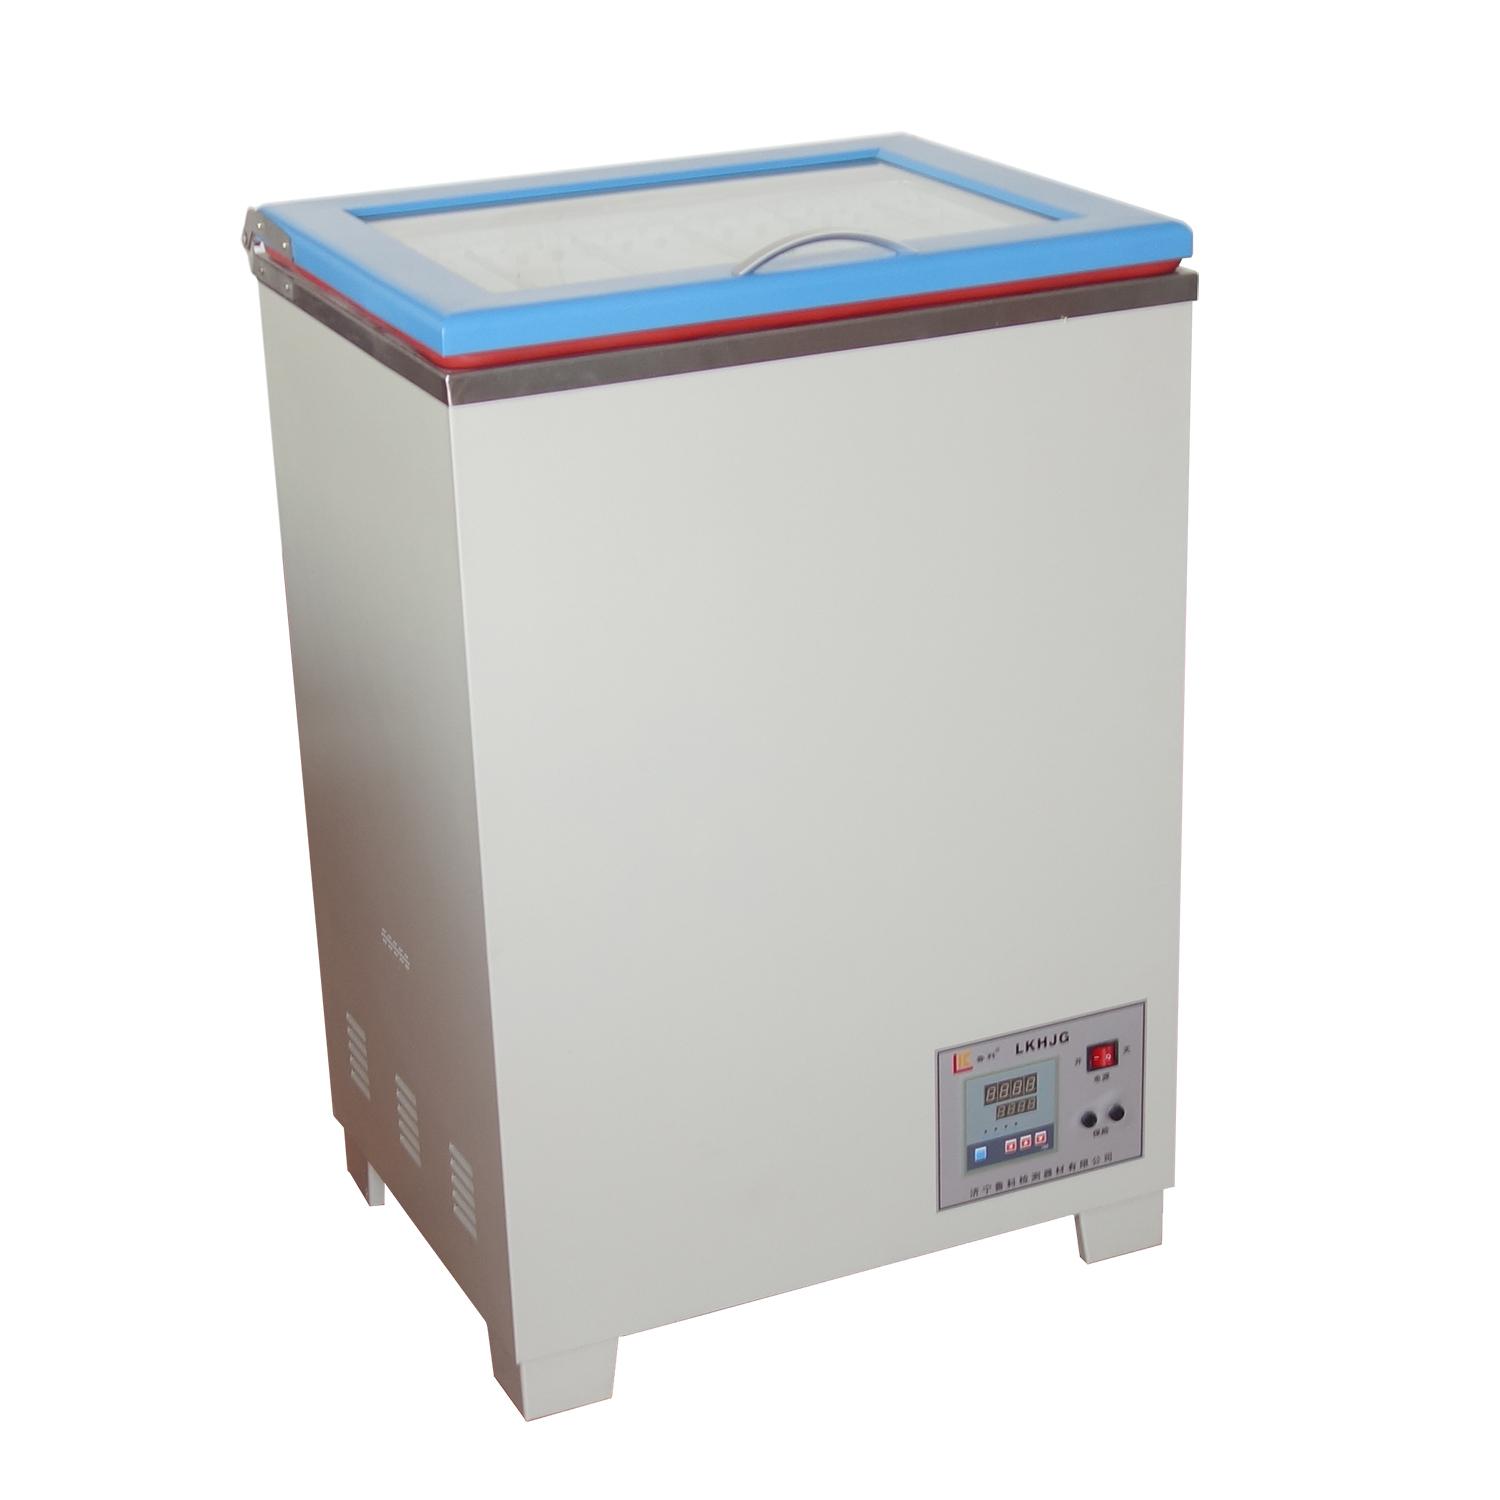 胶片烘干箱 工业大型胶片烘干箱 可放80张胶片